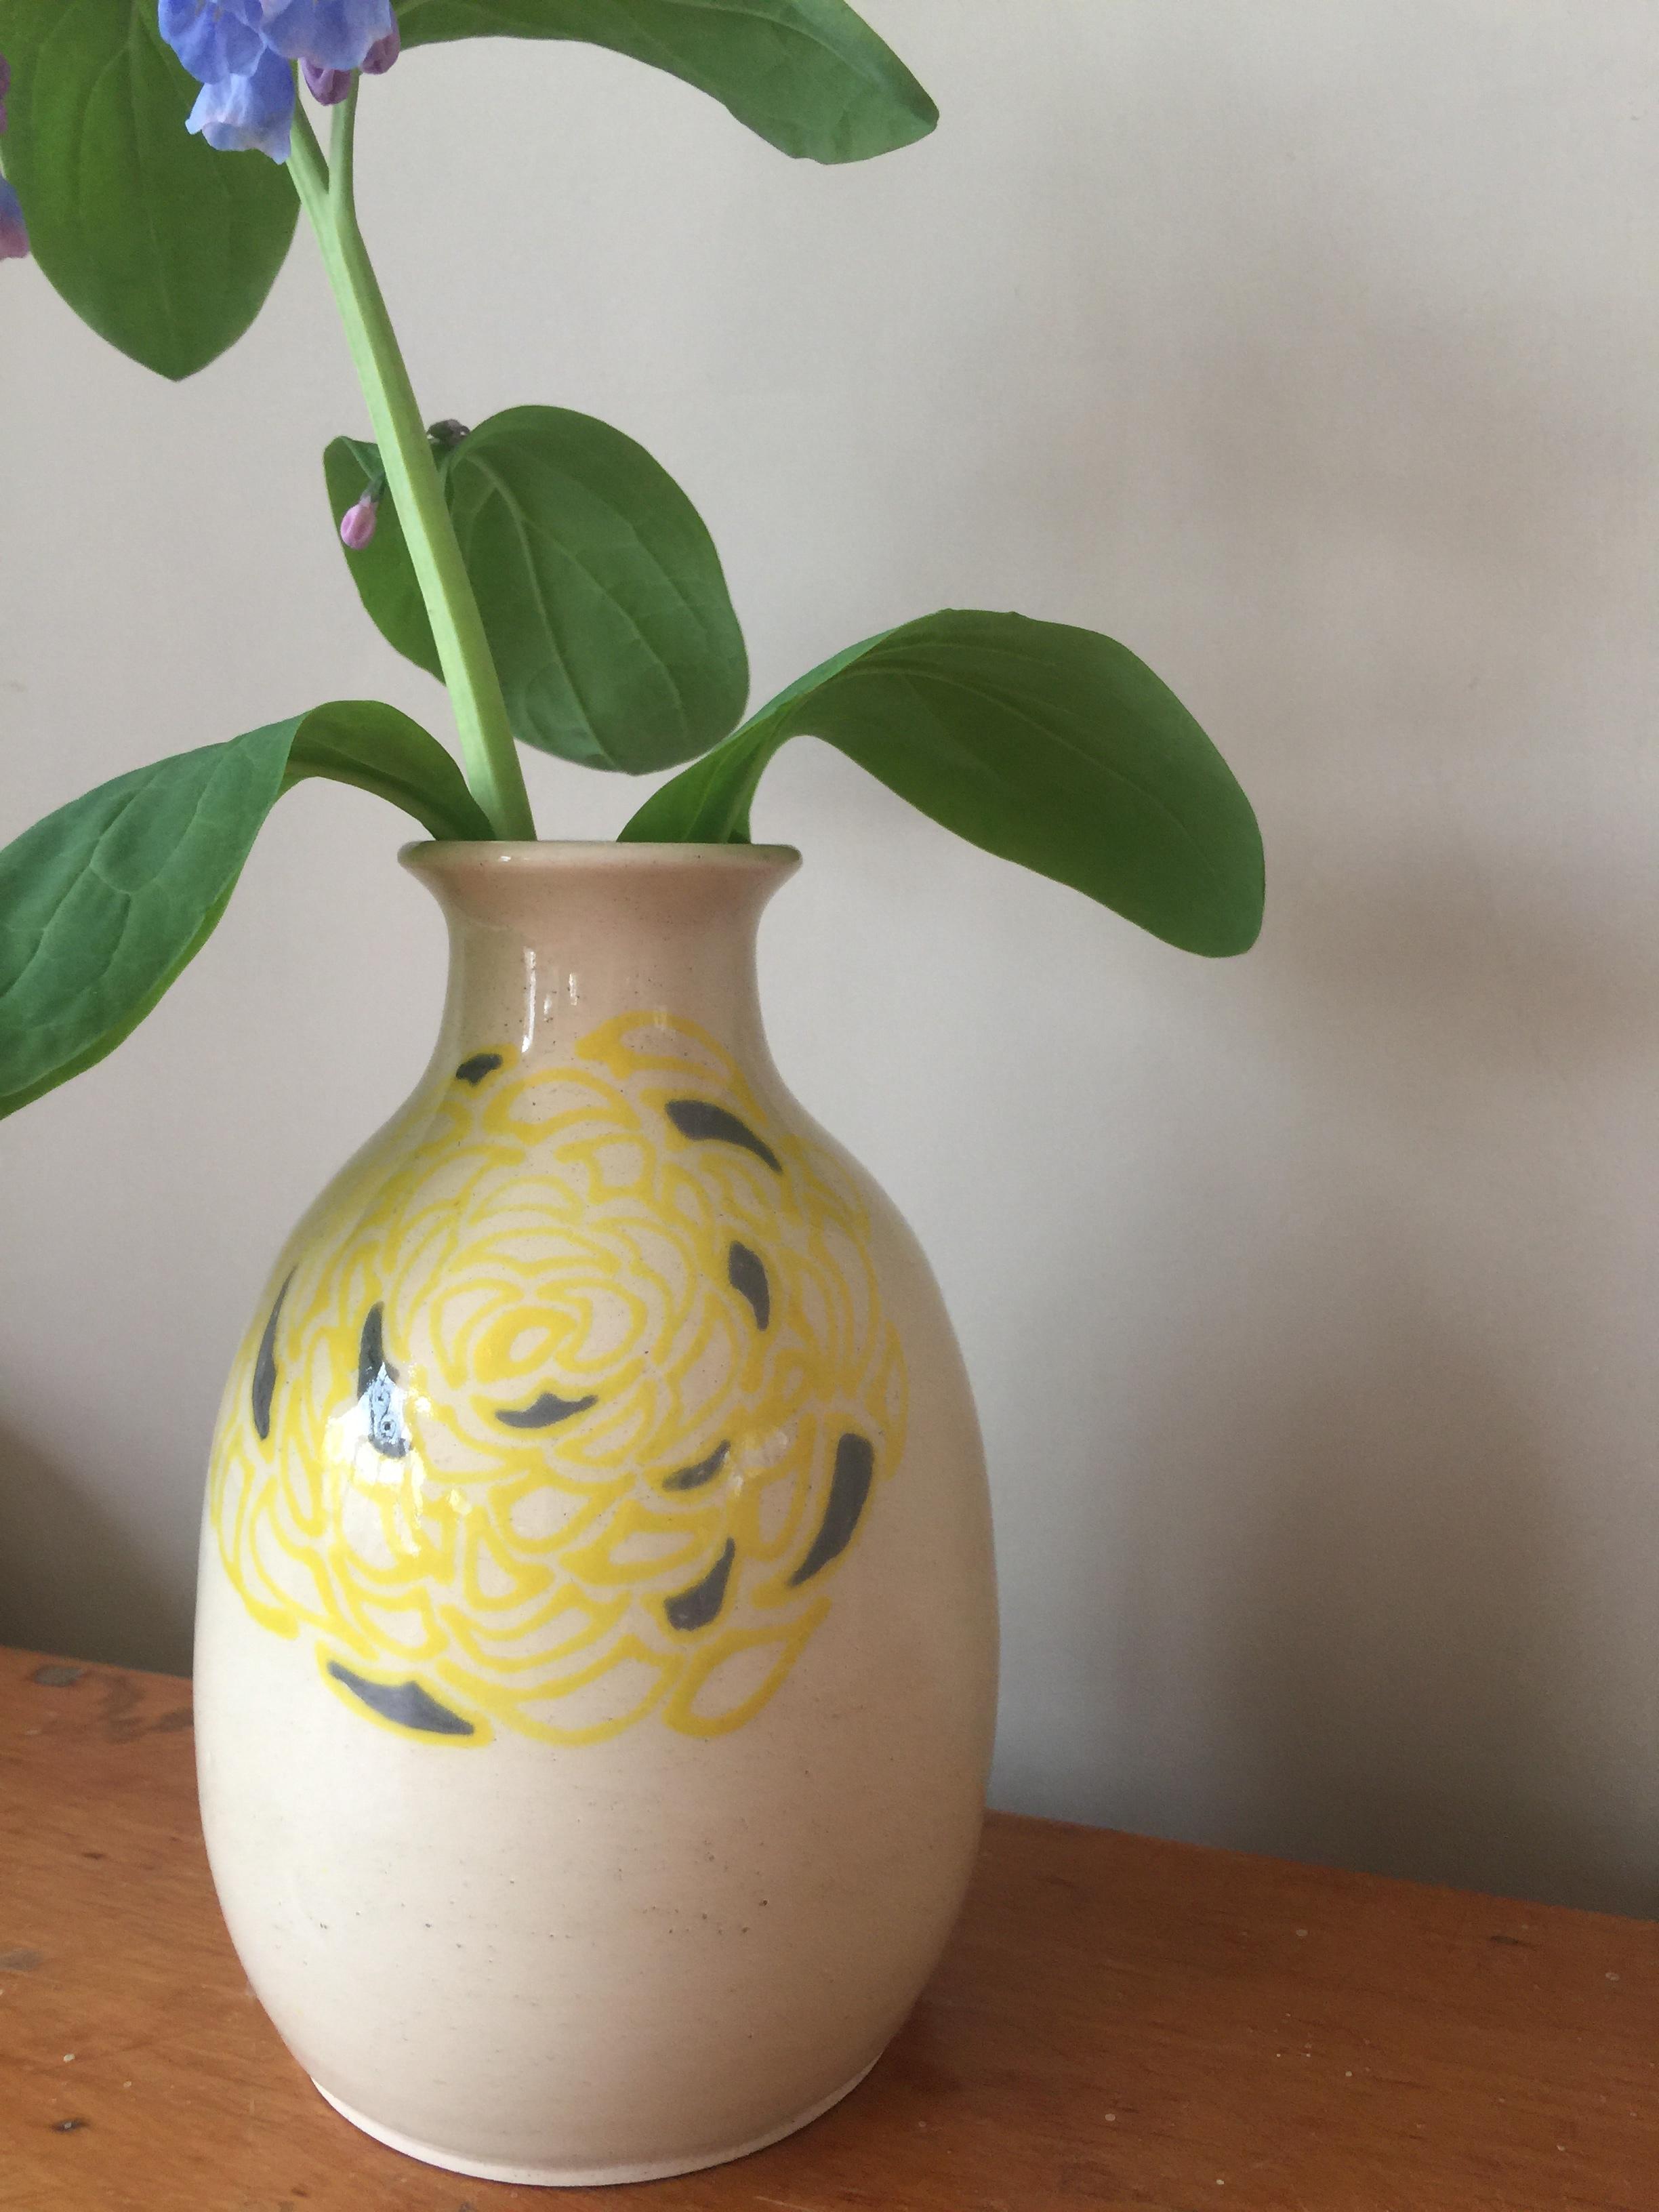 small vase with underglaze design